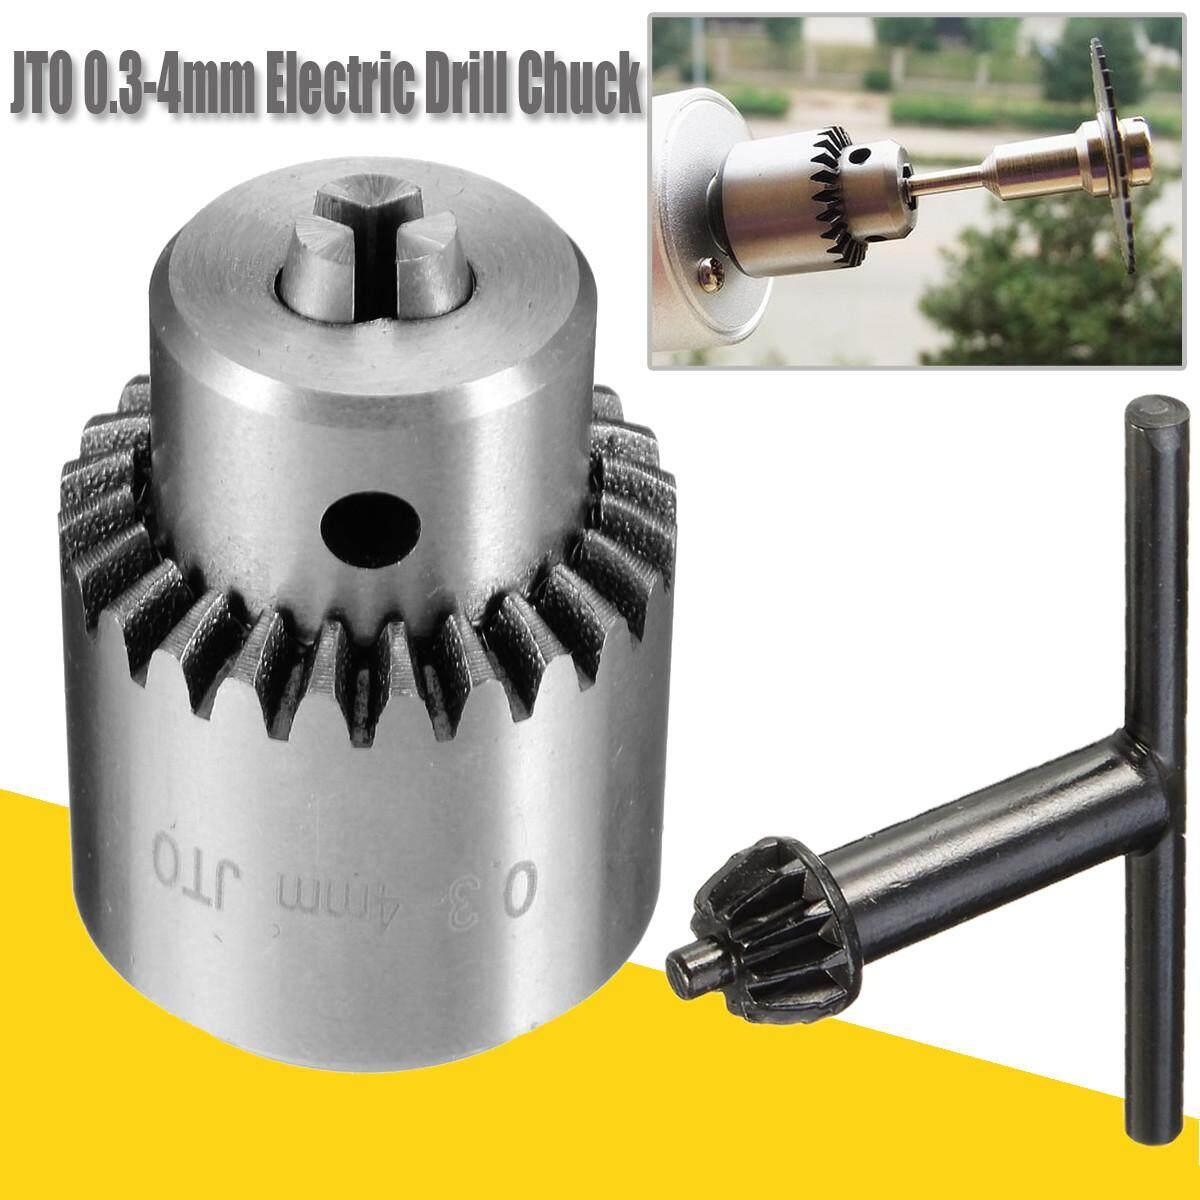 Listrik Mini 0.3-4 Mm Jt0 Bor Bubut Chuck Adaptor Lancip Alat Putar Poros Kunci